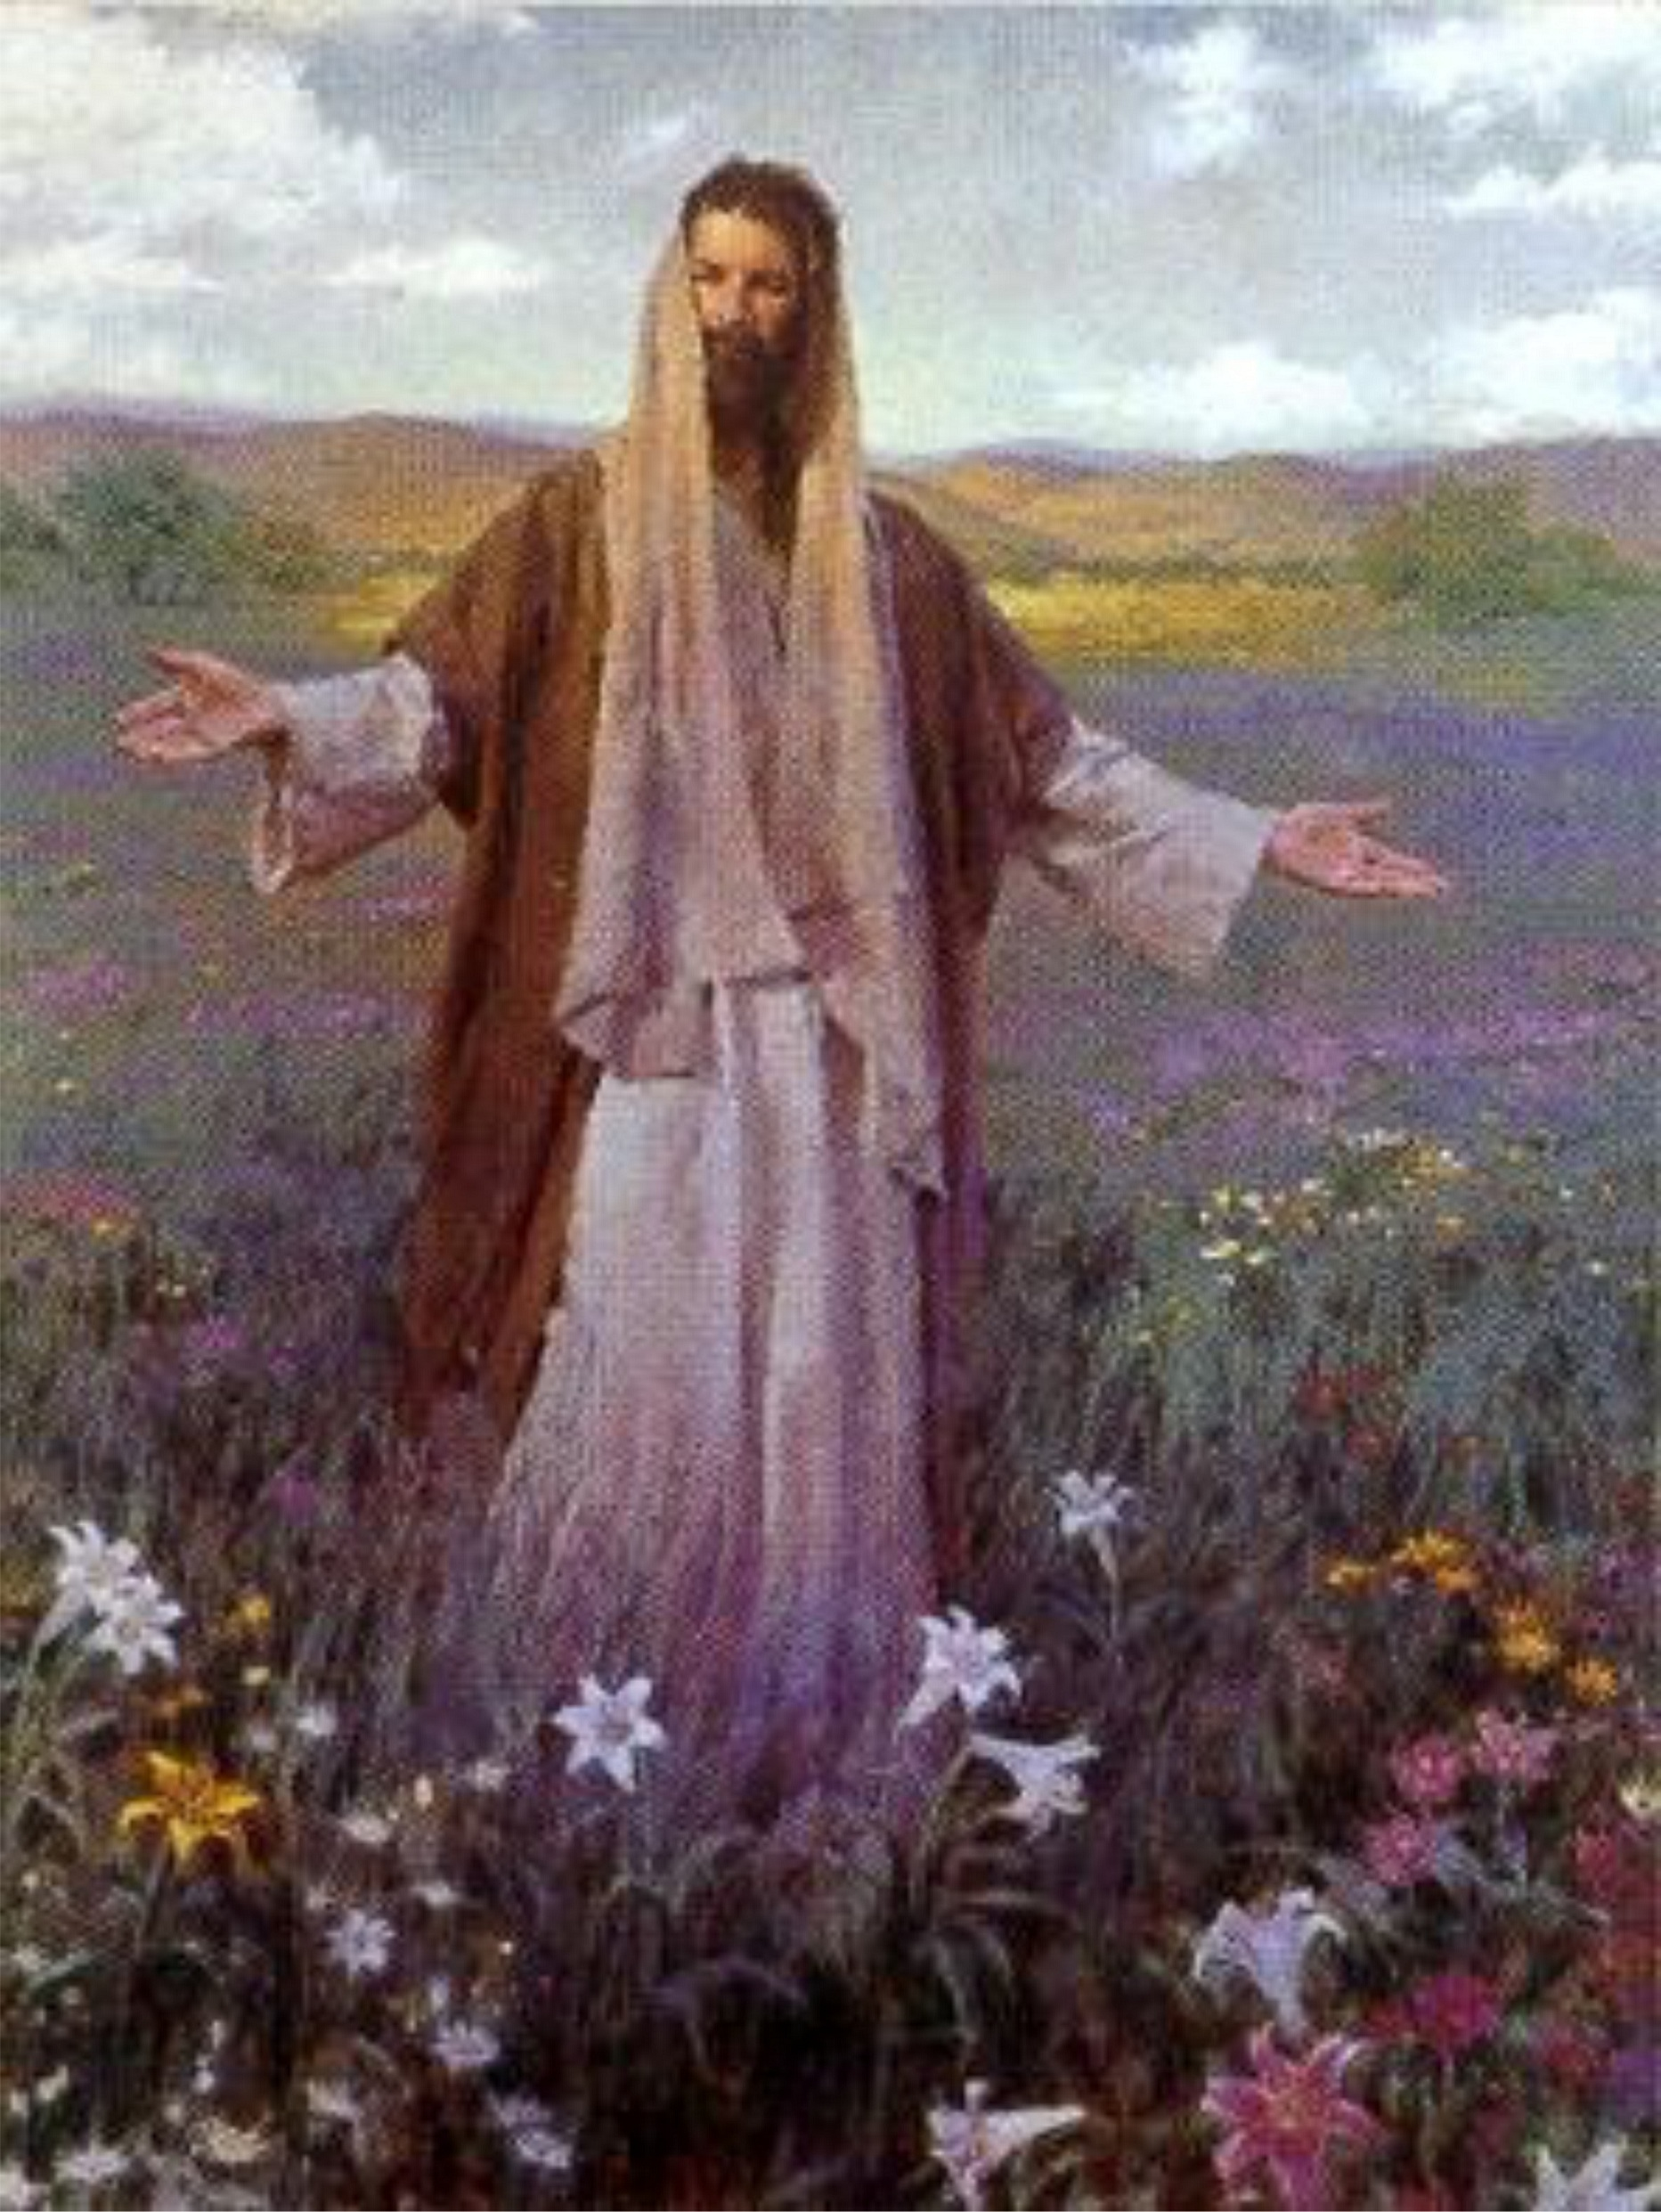 Îndrăzniţi, Eu am biruit (I) – Popa Petru (Săucani)